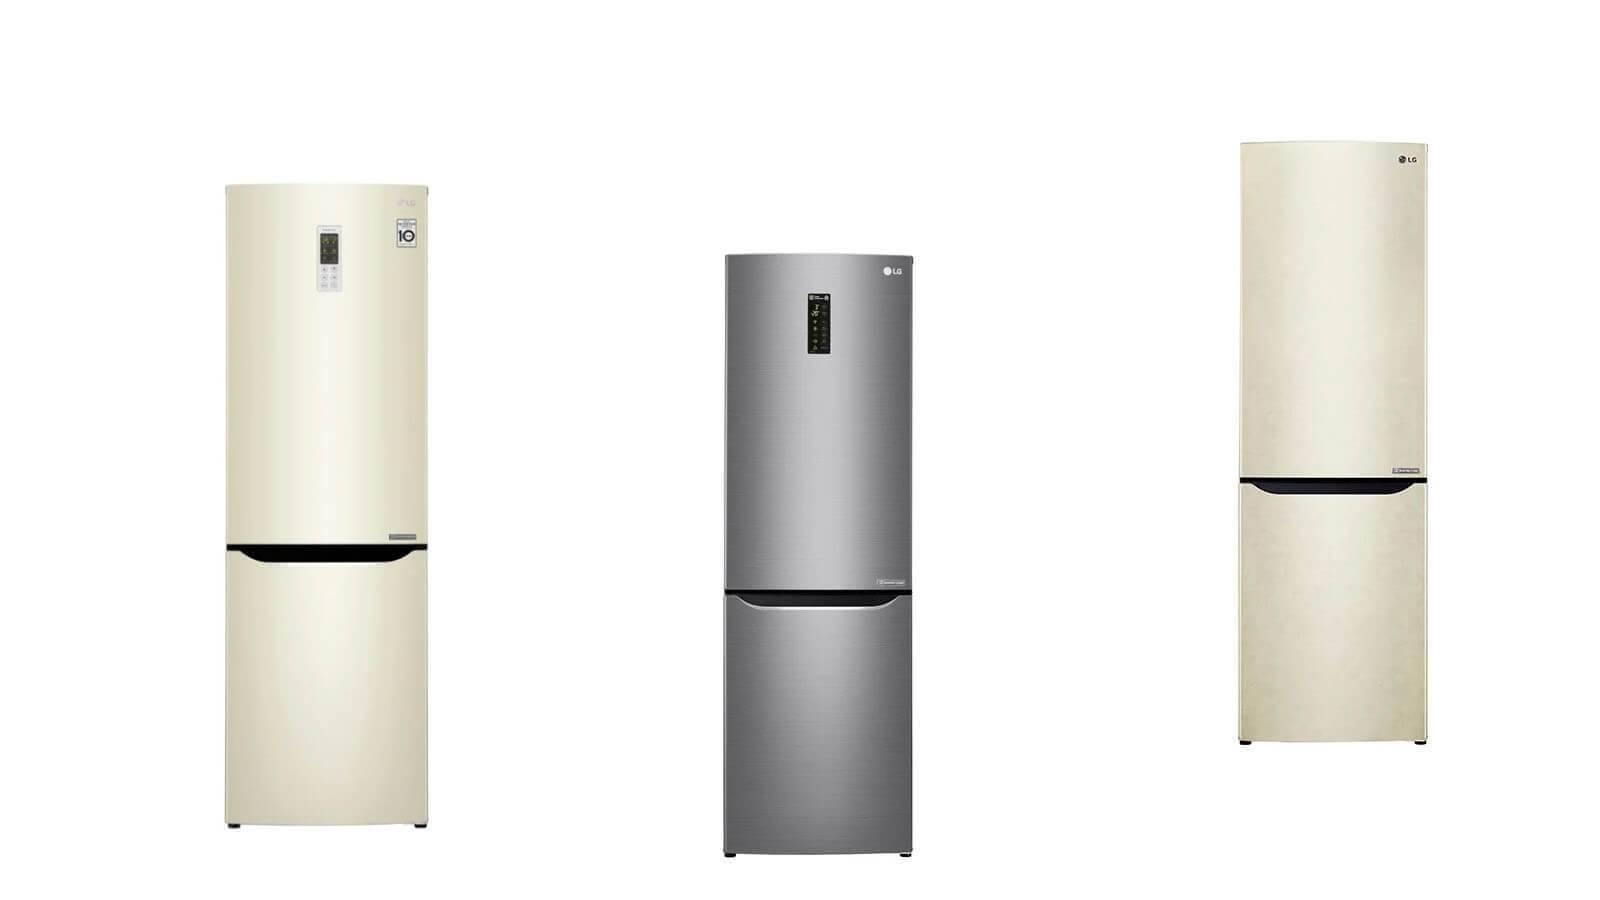 Рейтинг лучших холодильников от 30000 до 40000 рублей 2021 года (топ 10)